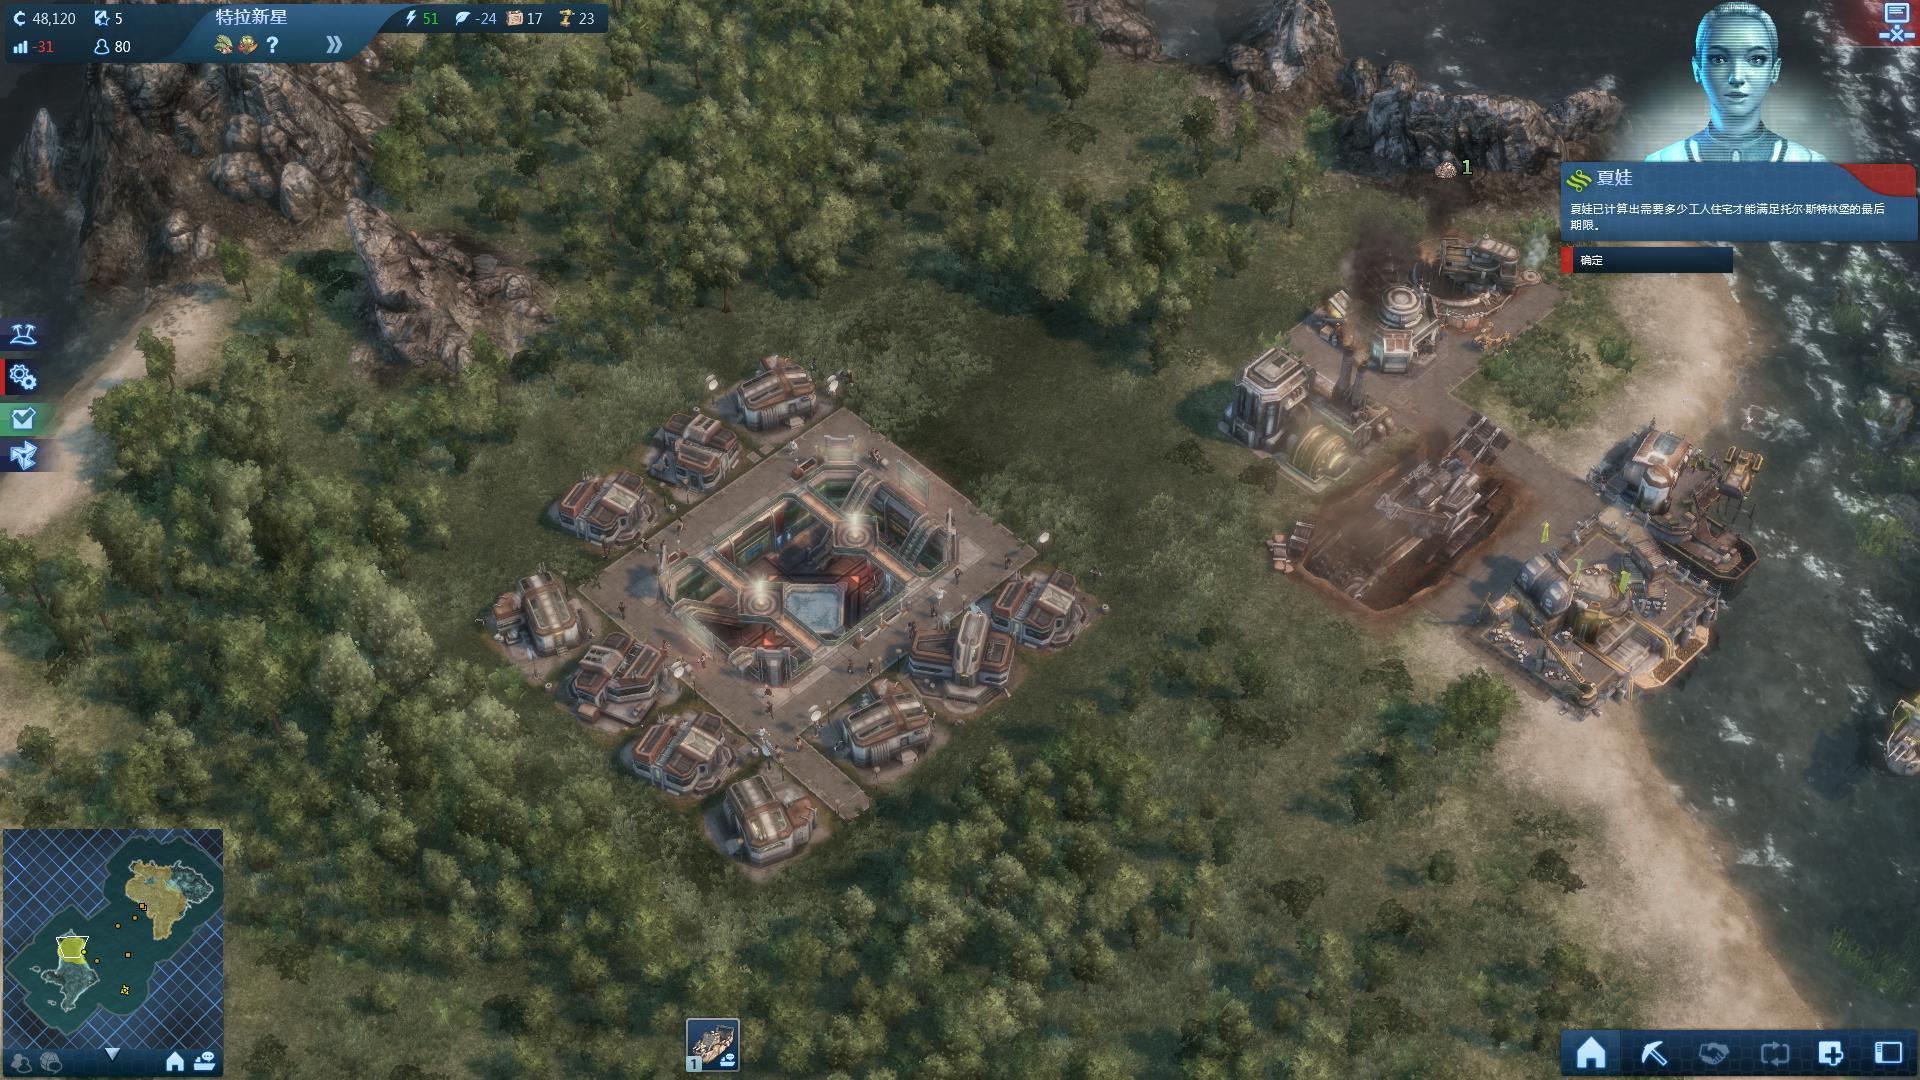 纪元2070:深海中文版游戏介绍